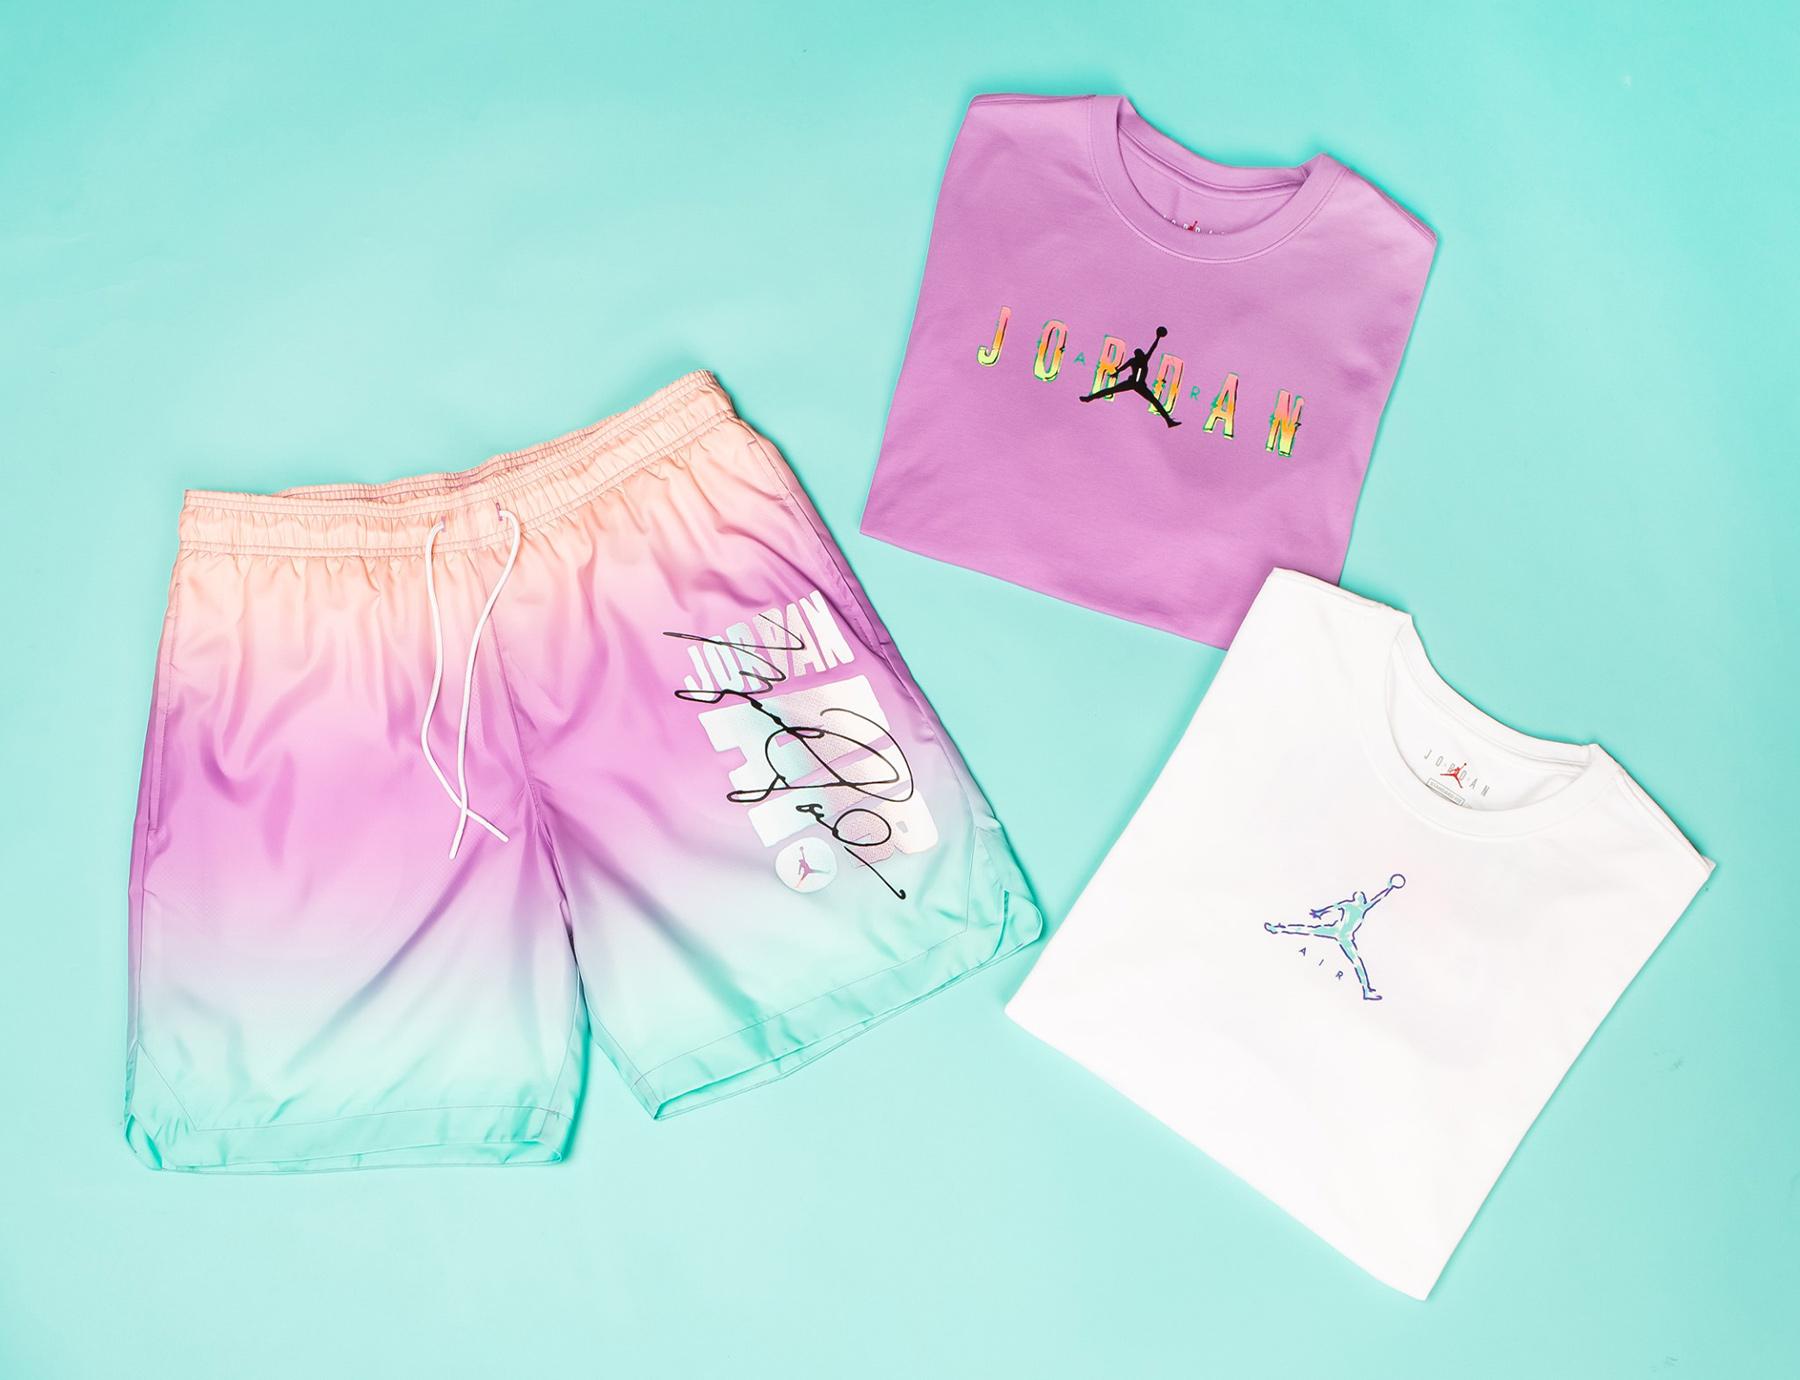 air-jordan-1-purple-pulse-clothing